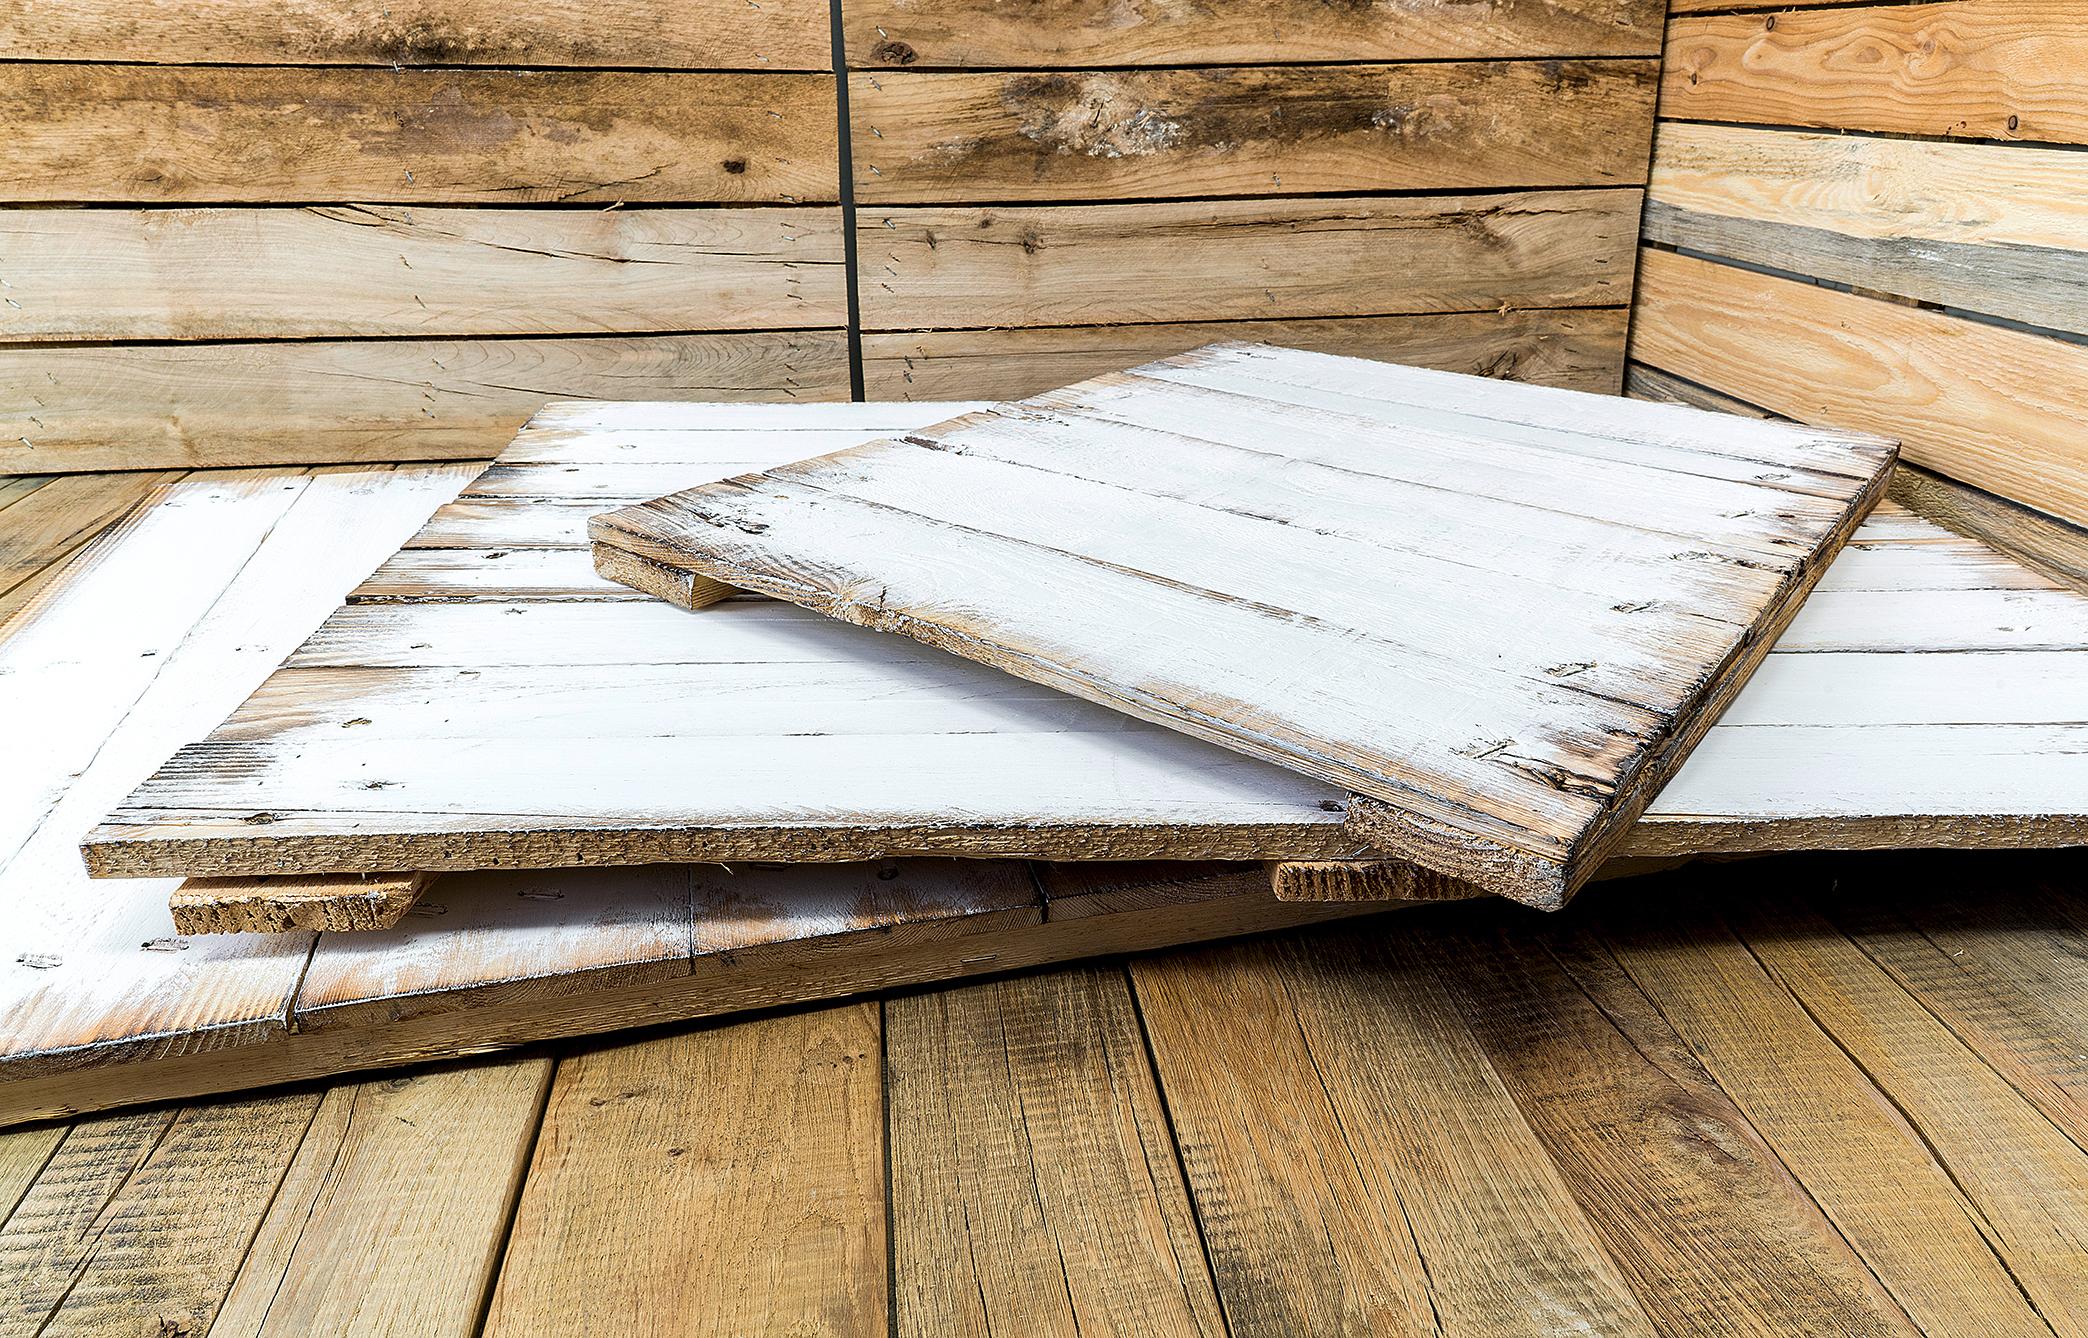 Fußboden Aus Palettenholz ~ Druck auf palettenholz auf einwegpaletten holzdruck manufaktur hamburg